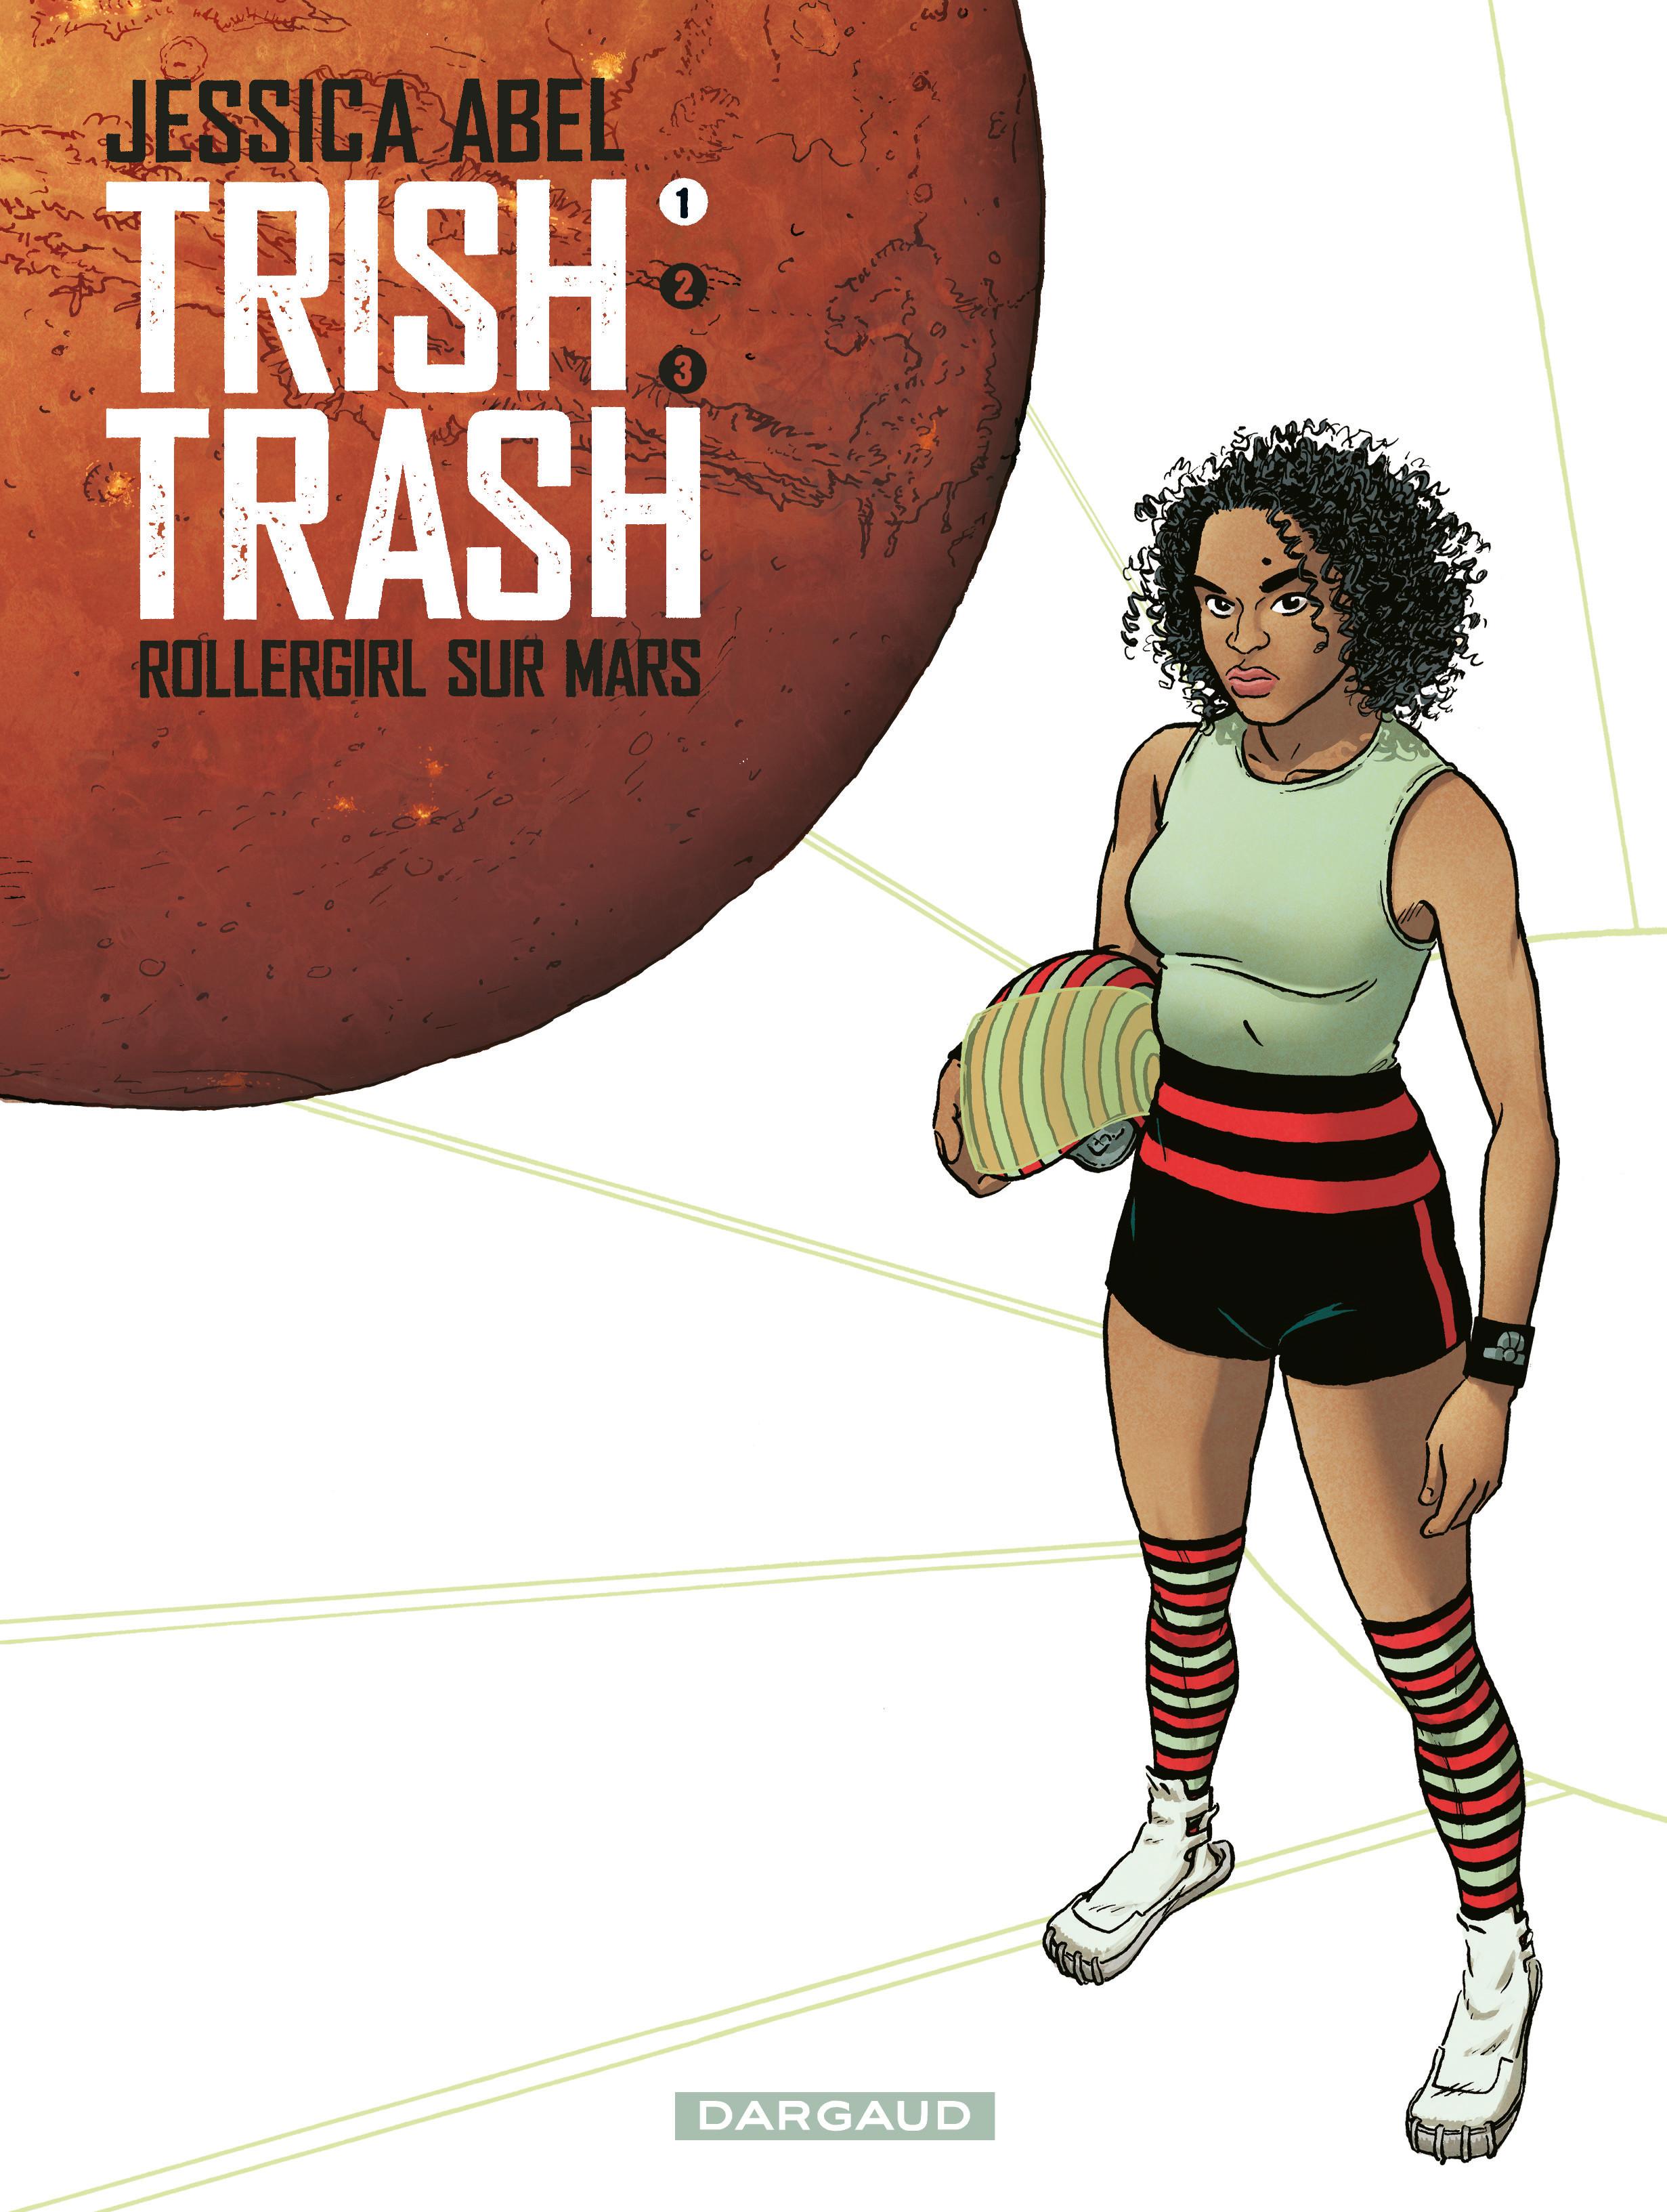 Trish Trash, rollergirl sur Mars - Tome 1